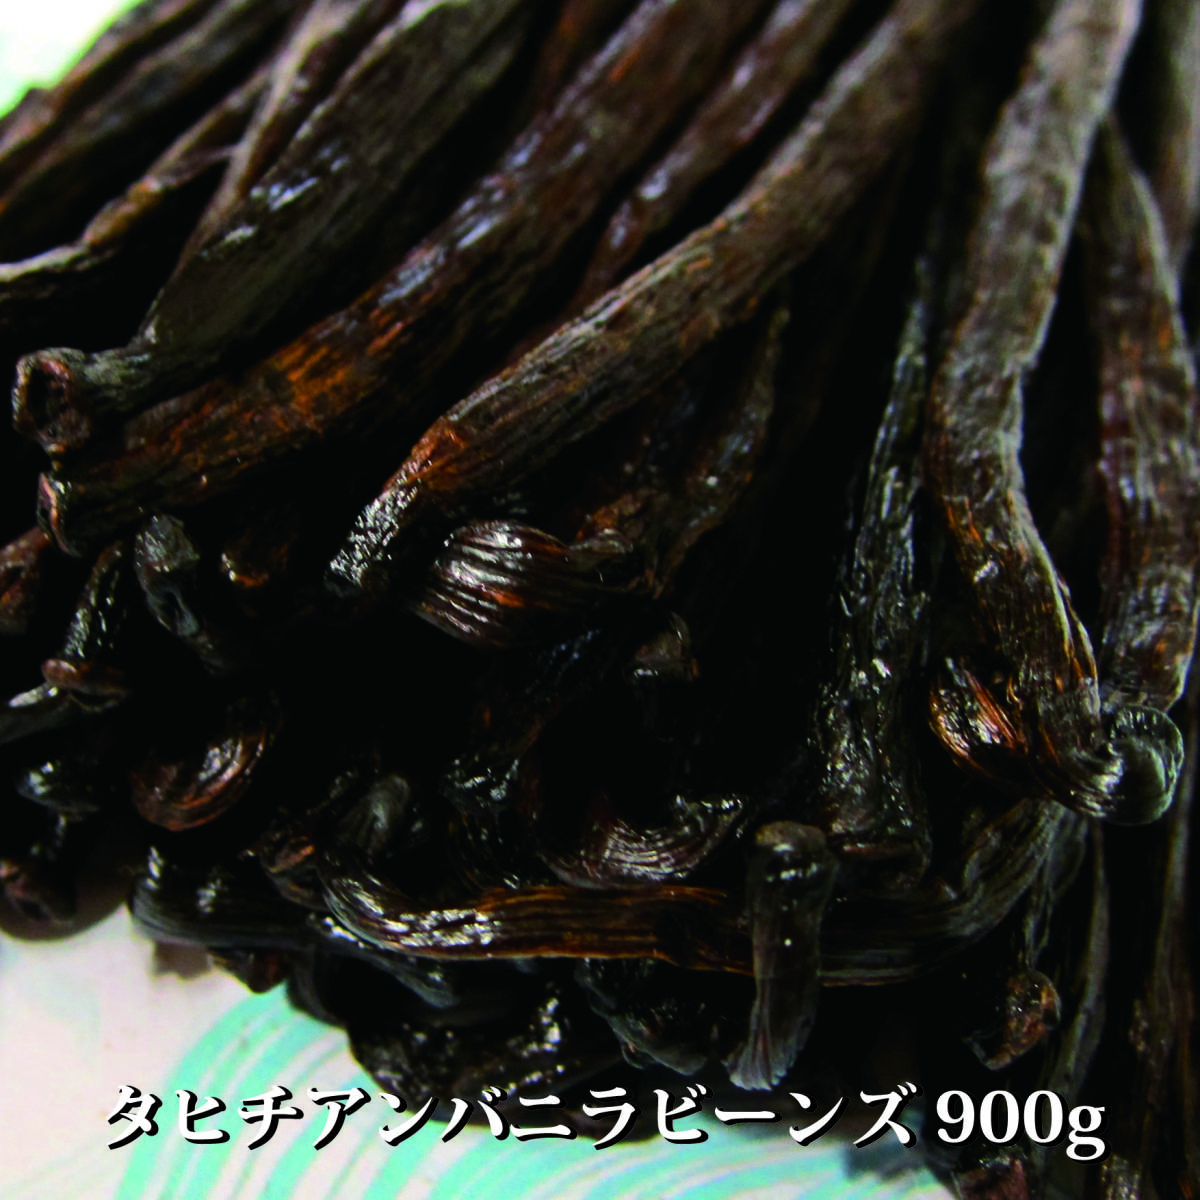 【お買い得パック!高級バニラ】タヒチバニラビーンズ900g / 約230-240本_画像2